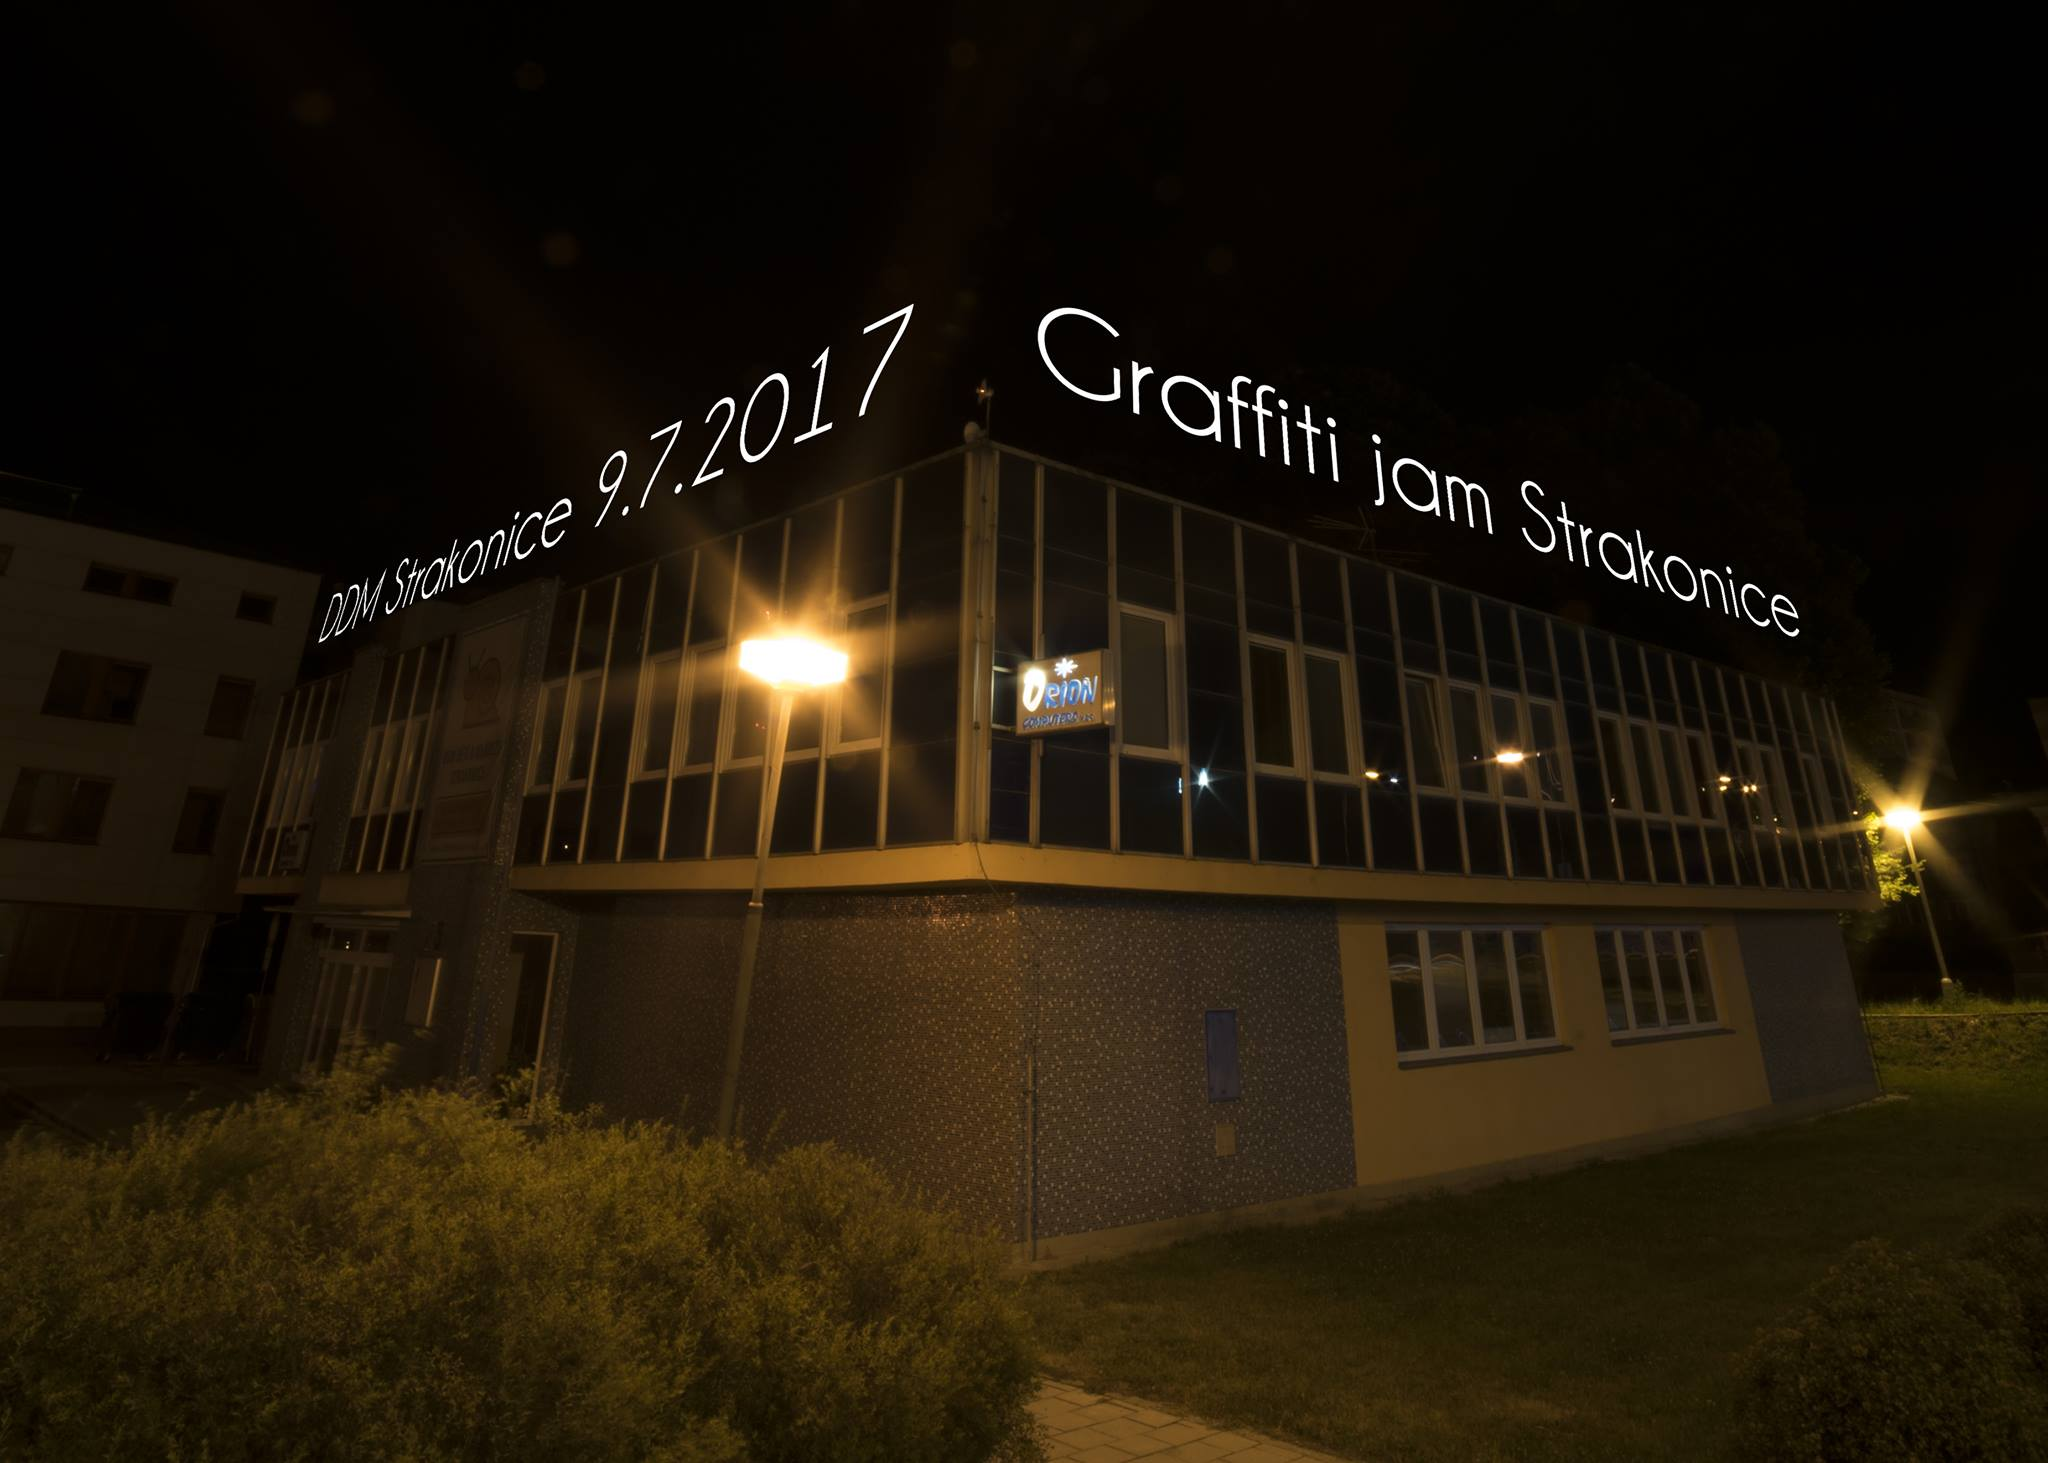 GRAFFITI JAM 2017 - Strakonice